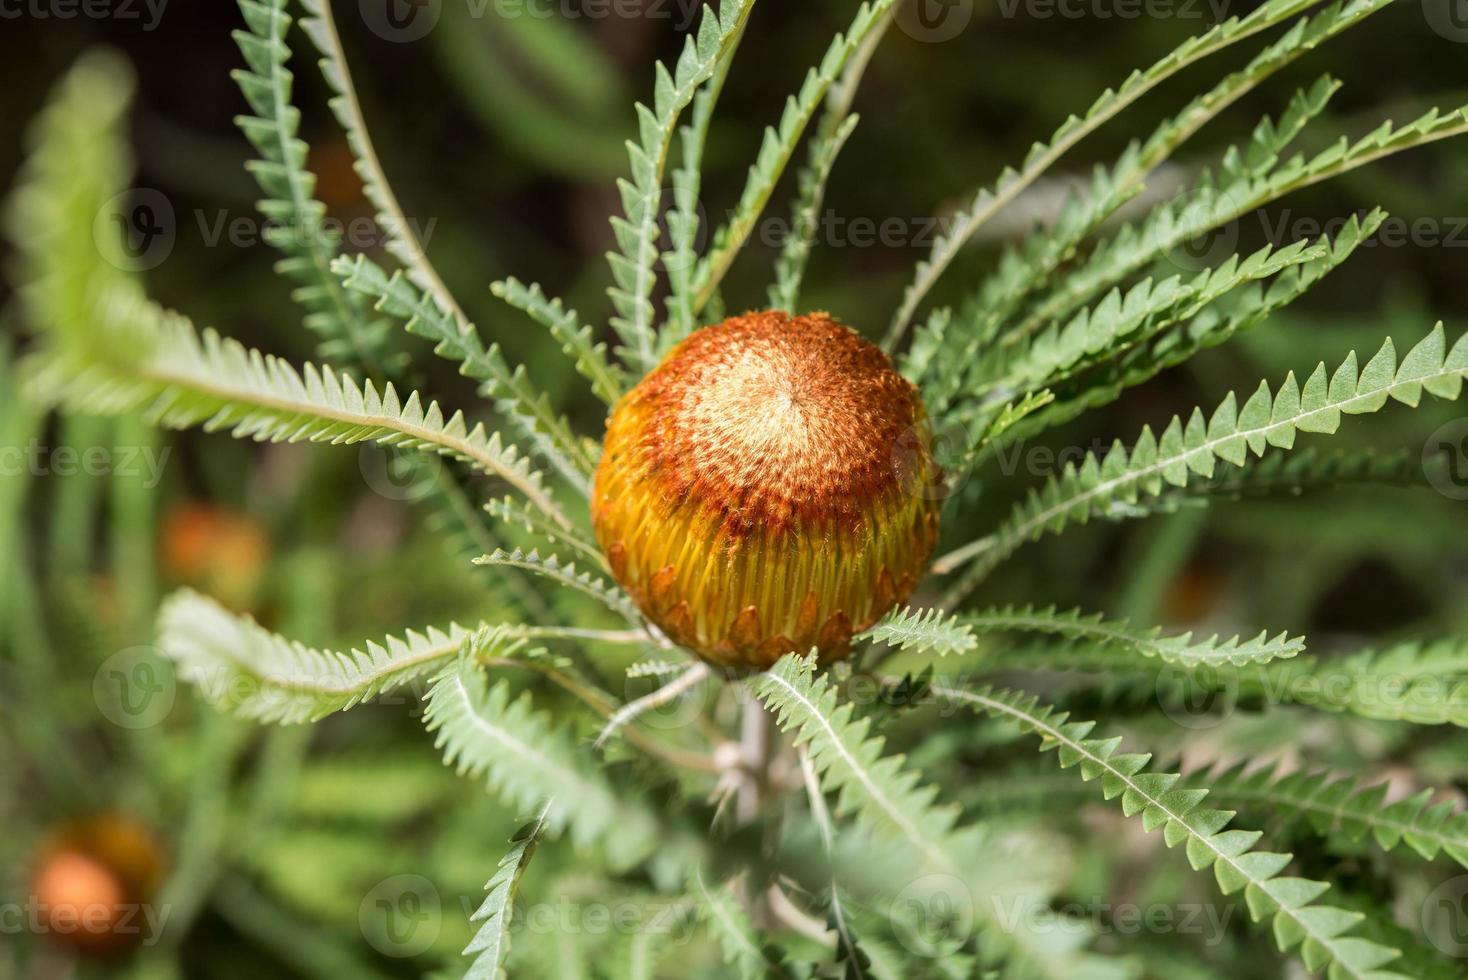 austrália bush flora flores detalhe banksia flor foto